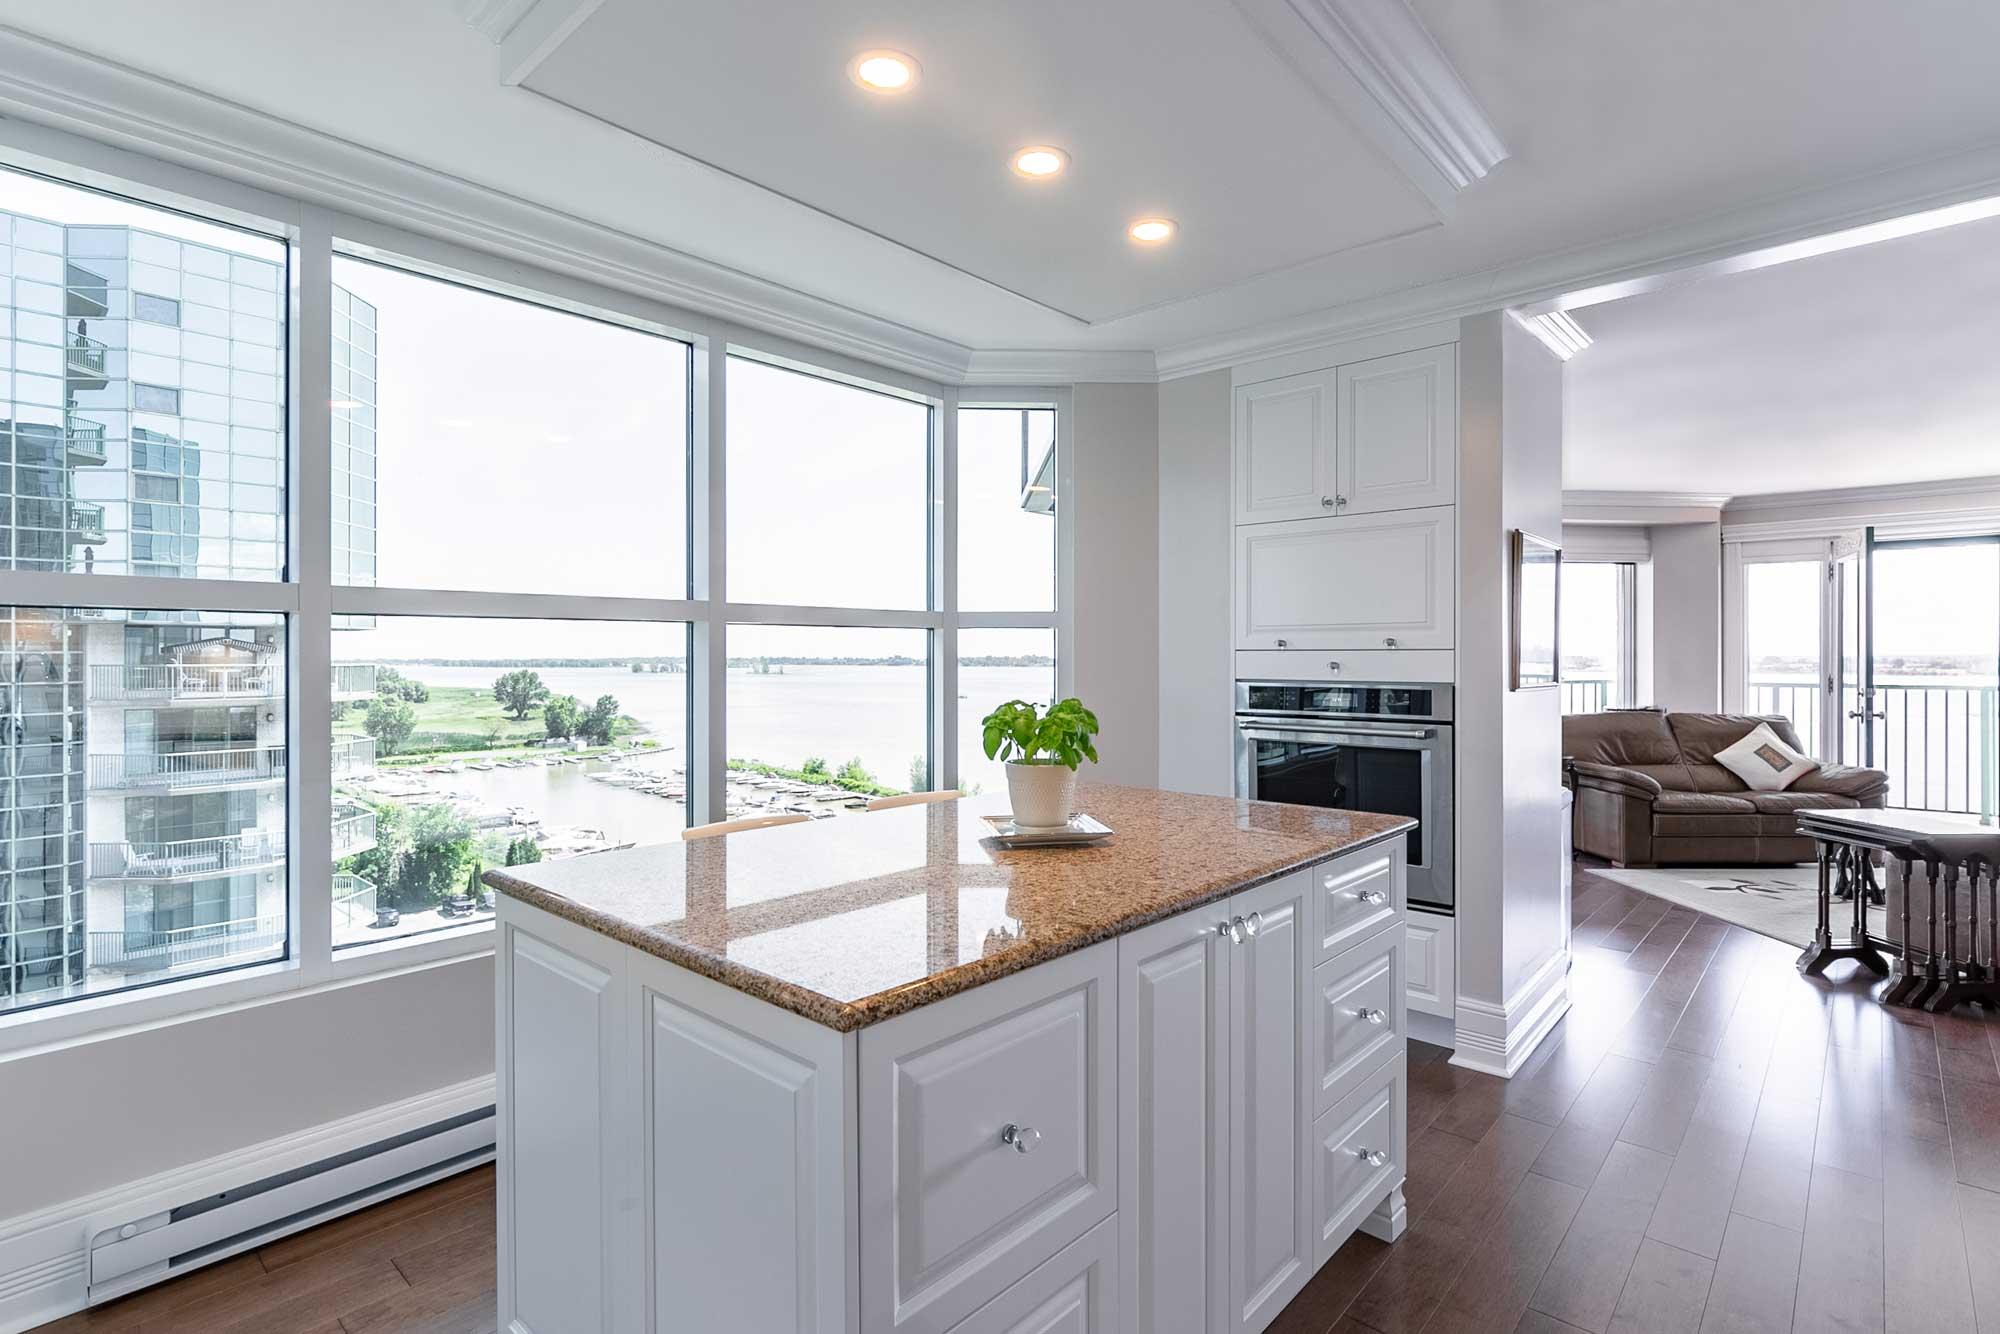 rénovation d'une cuisine de style classique blanche avec comptoir en granite beige